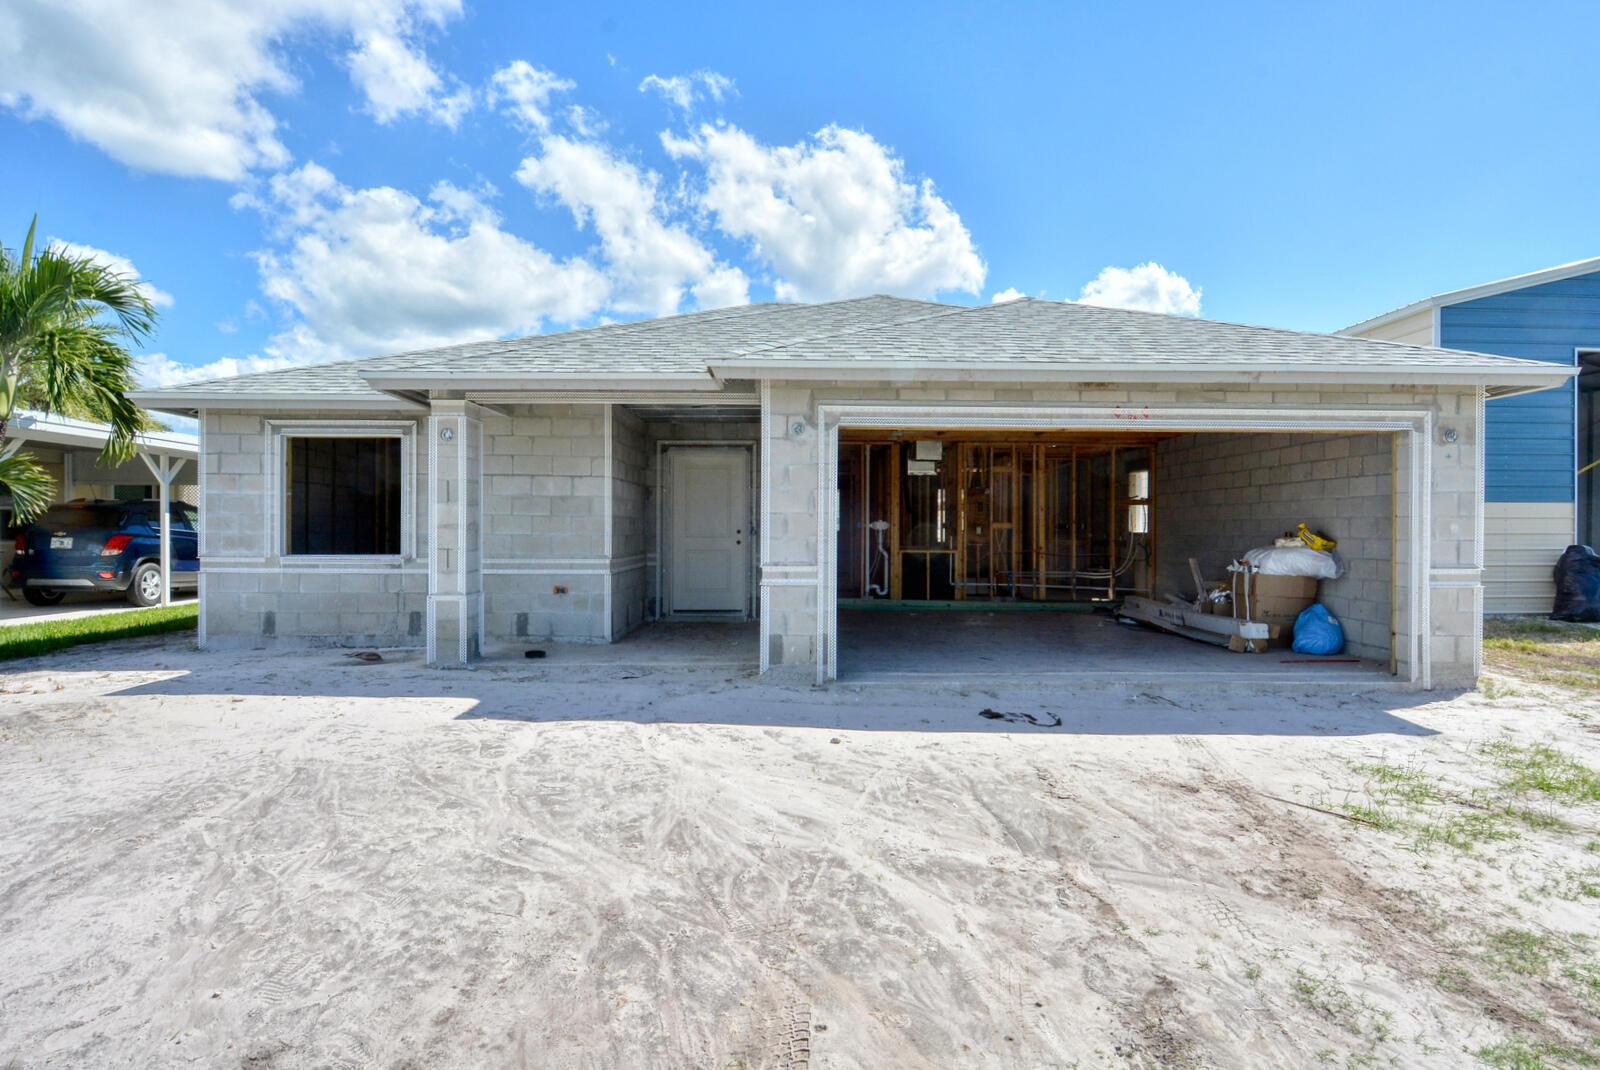 Photo of 4310 SW 10 Th Avenue, Okeechobee, FL 34974